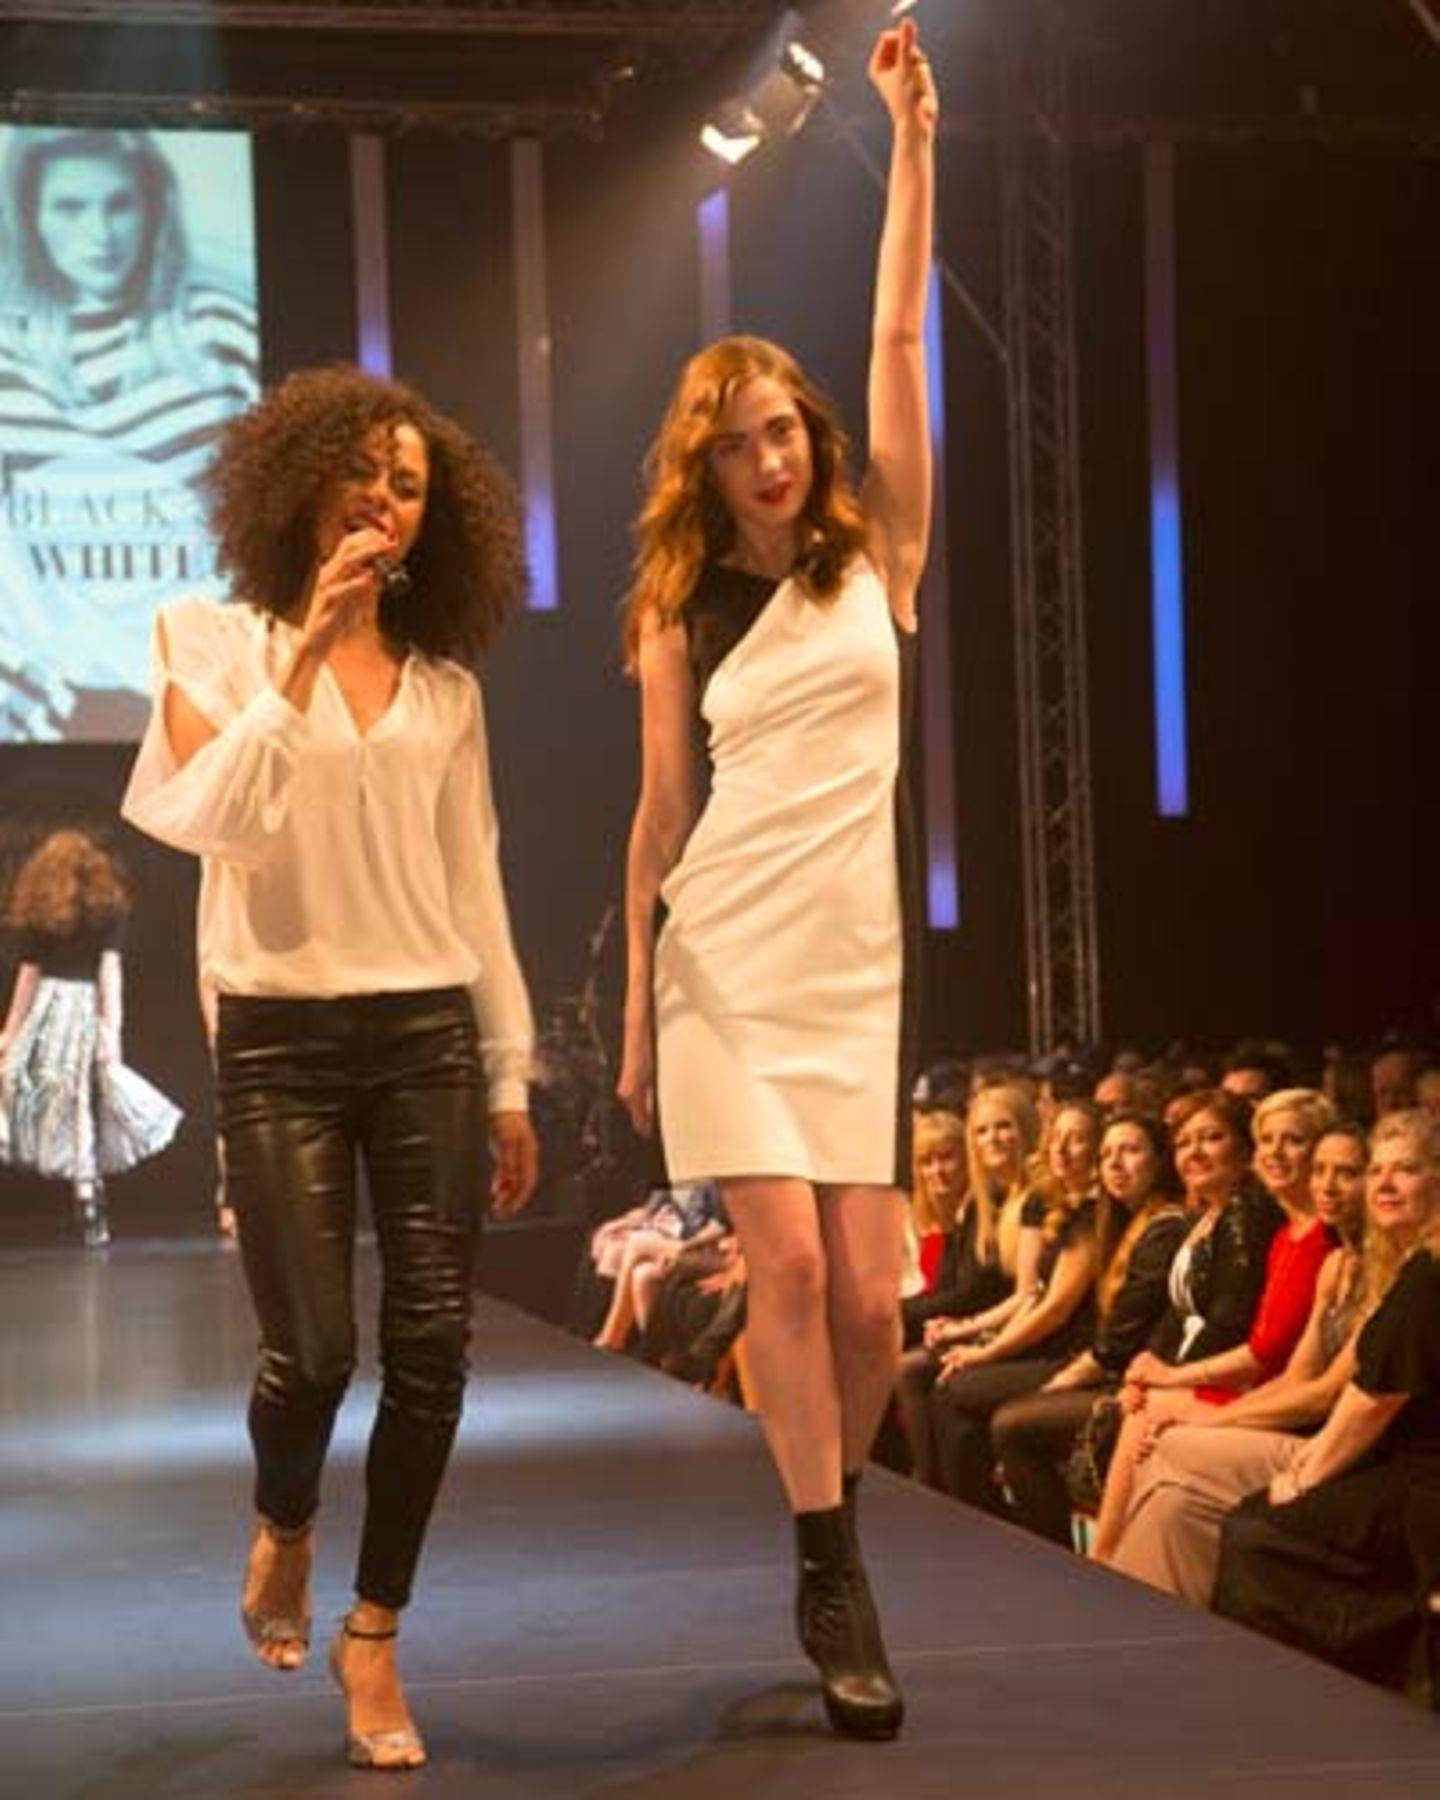 Das Kleid ist von Oui Collection und die Schuhe von JustFab. Sängerin Astrid North trägt eine Bluse von Schumacher, Hose von C&A und Schuhe von Jean-Michel Cazabat.